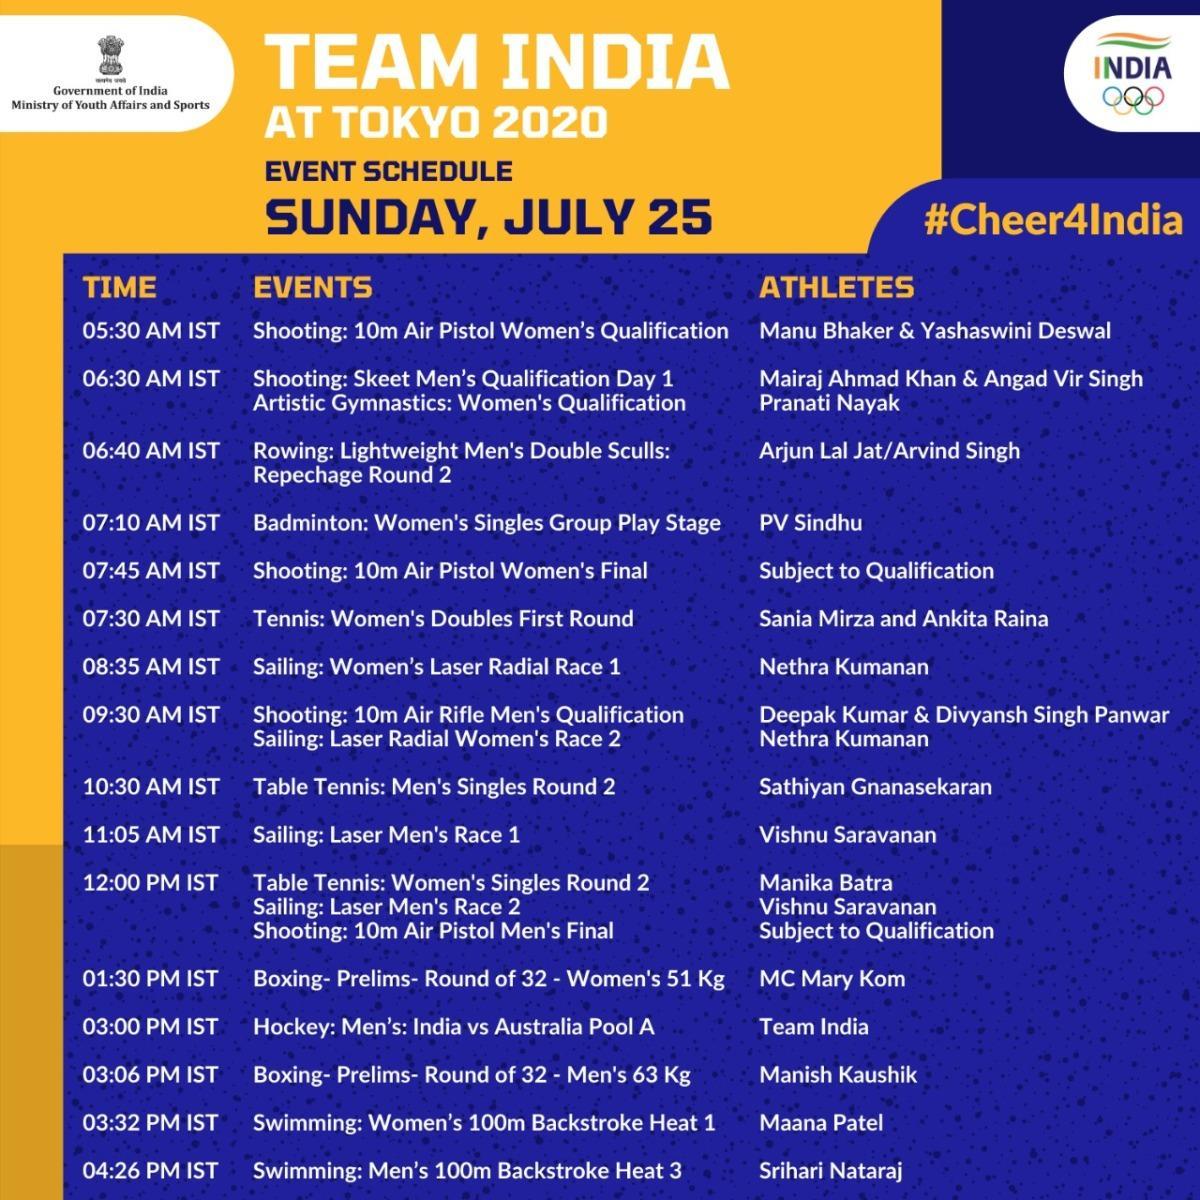 आज भारत शूटिंग के अलावा और किन खेलों में भाग लेगा, ये है पूरी लिस्ट